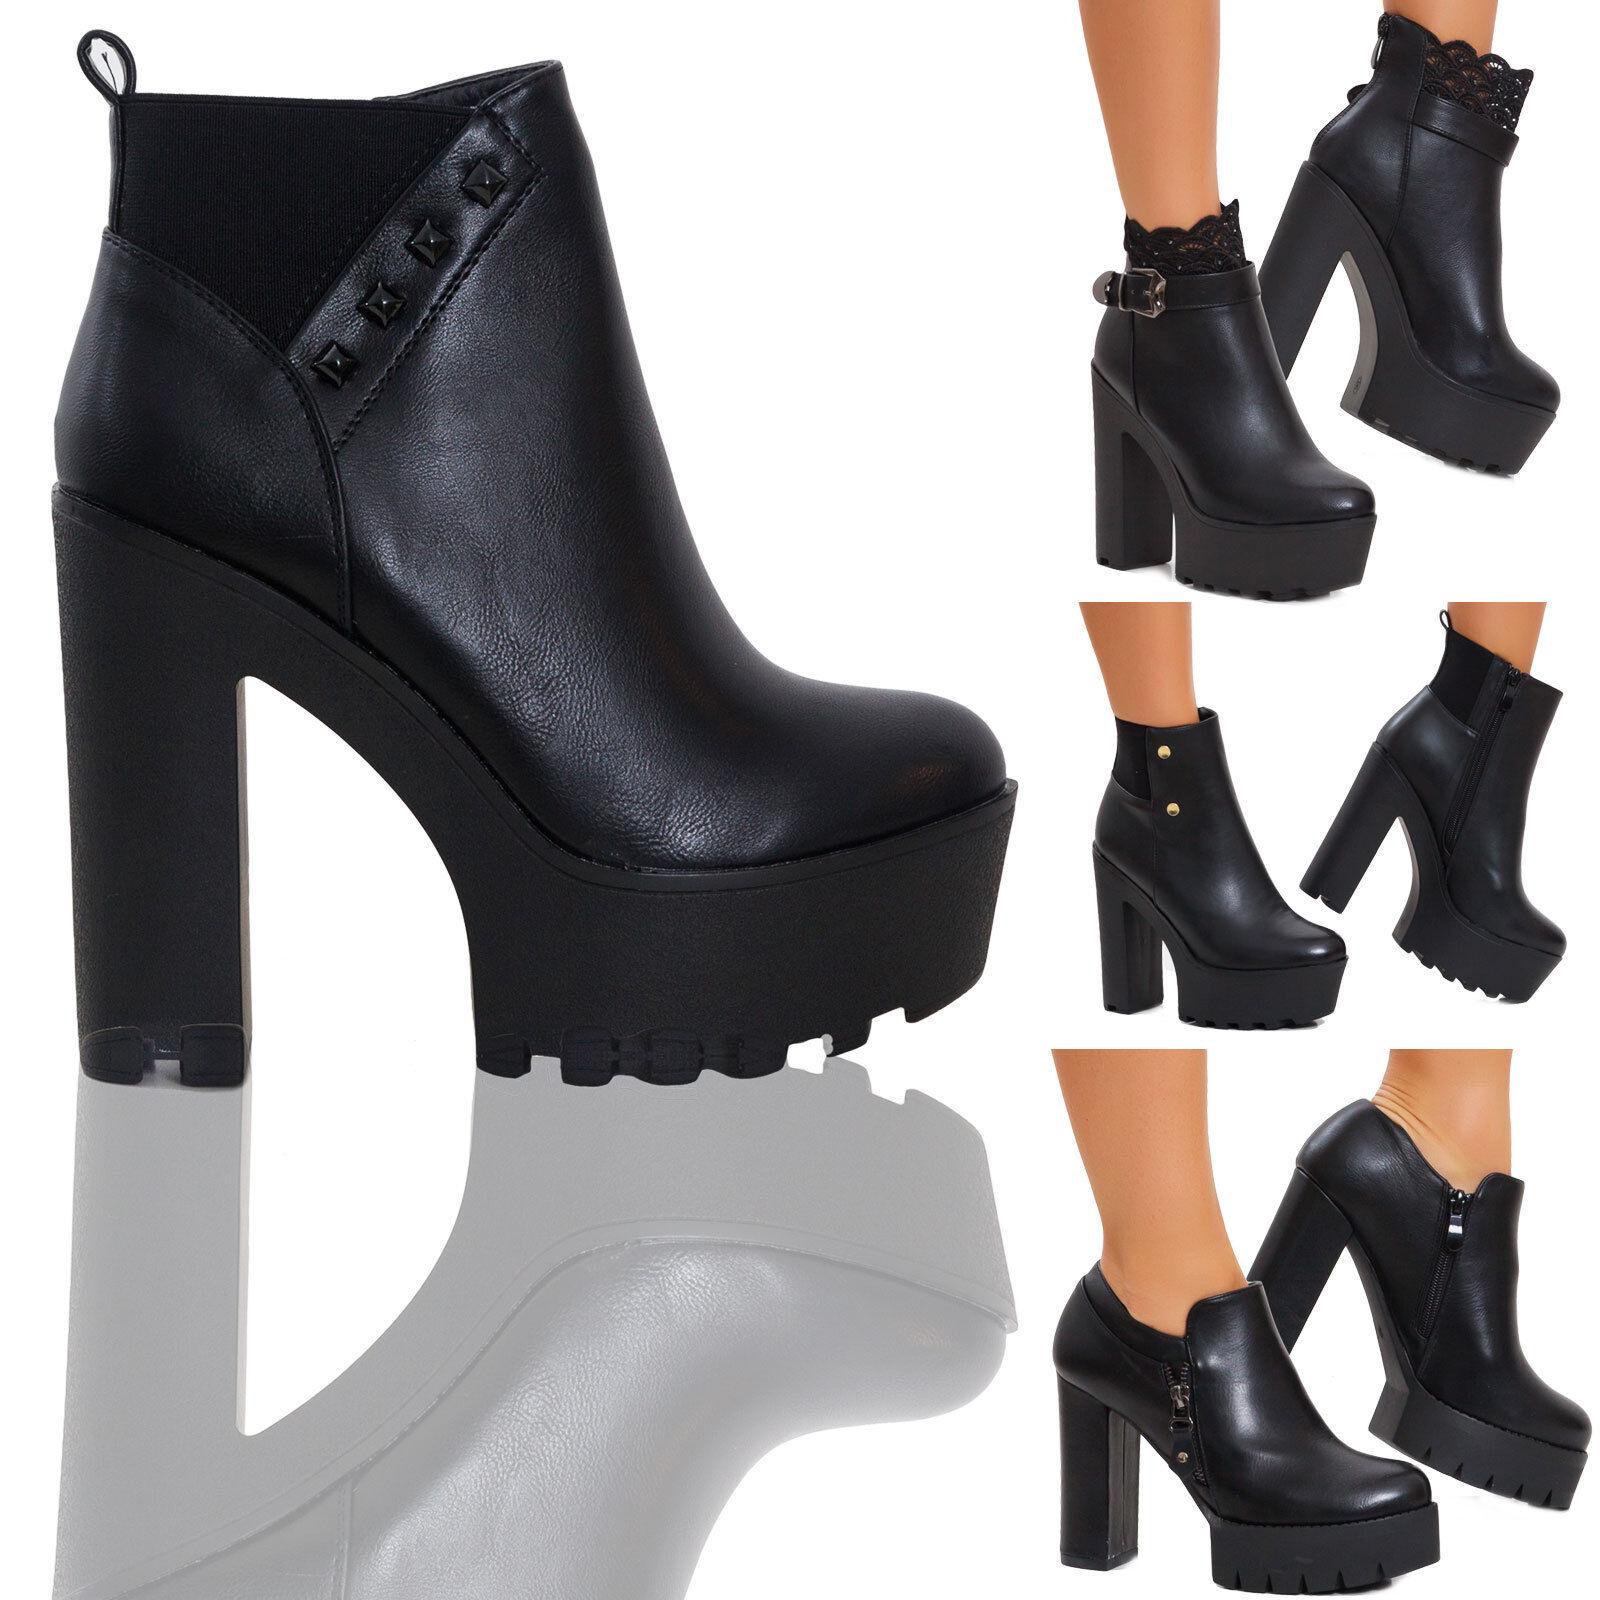 chaussure cuir femme a tatalon